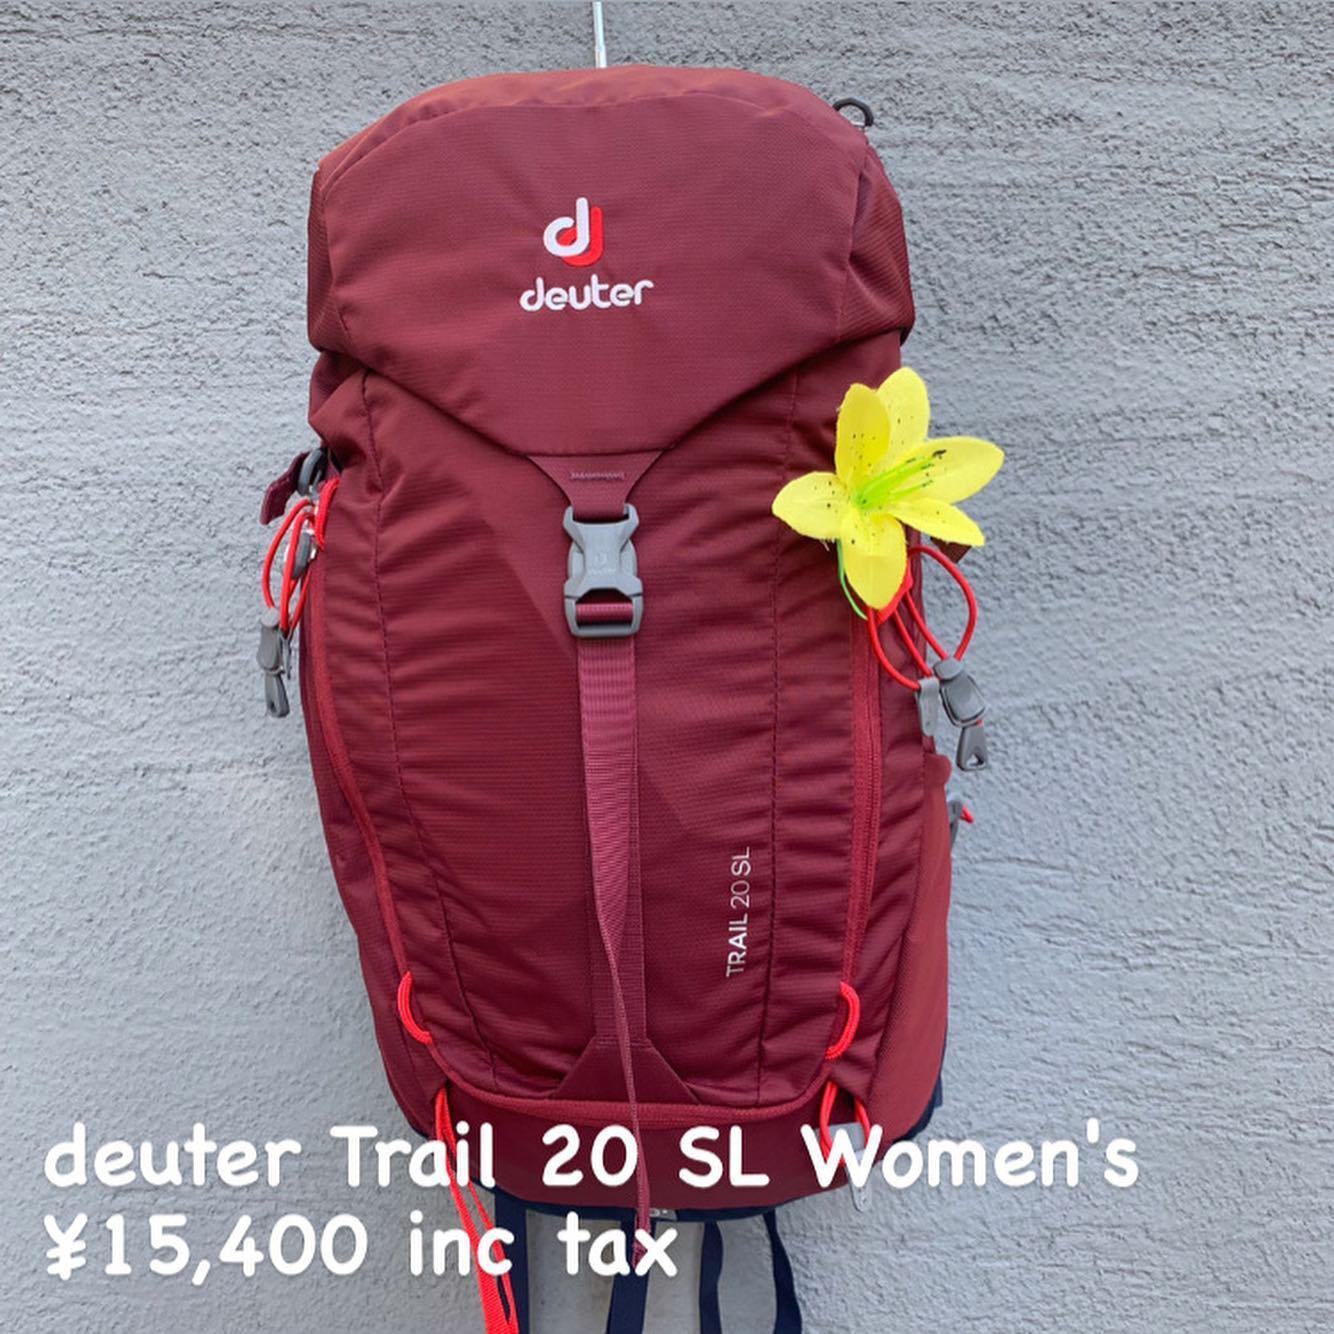 高いフィット感と背面の通気性を両立したハイキングやクライミングに適したシリーズ『deuter トレイル 20 SL ウィメンズ』のご紹介